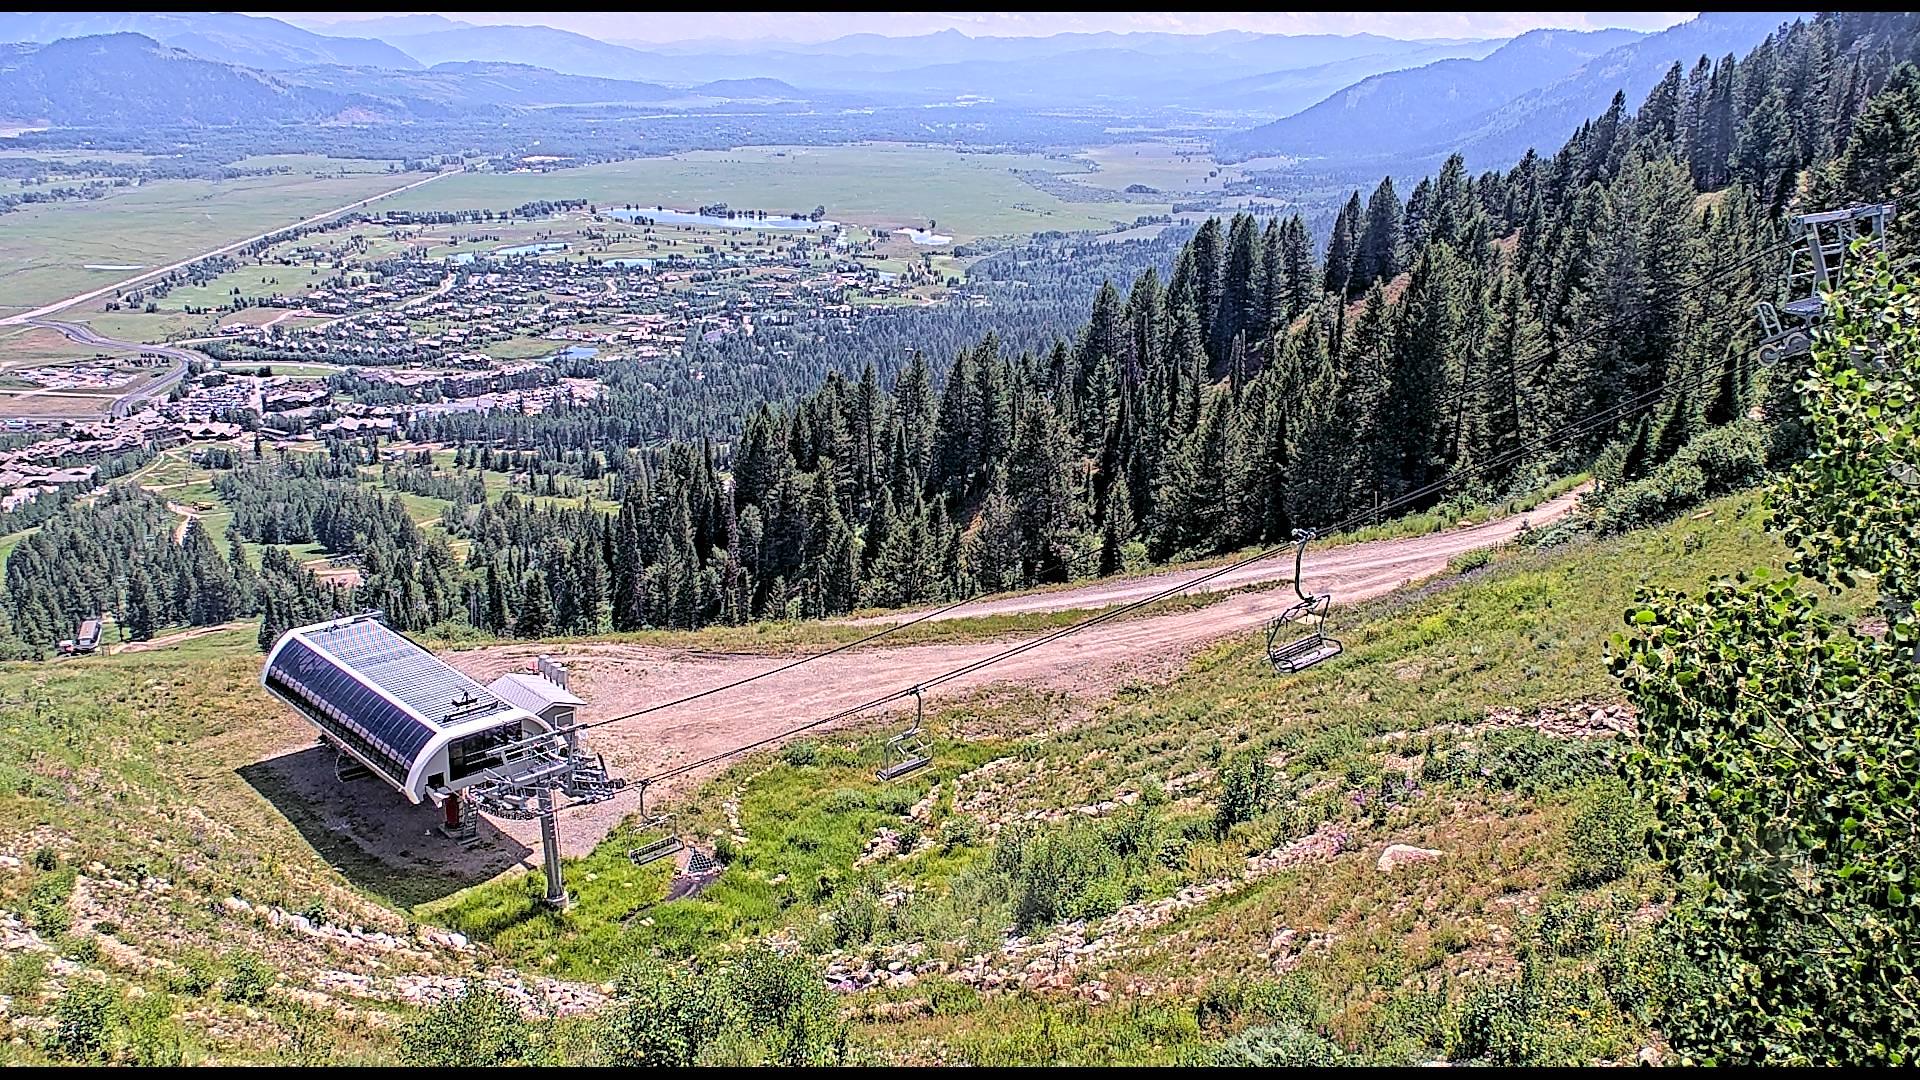 Teton Chair Base